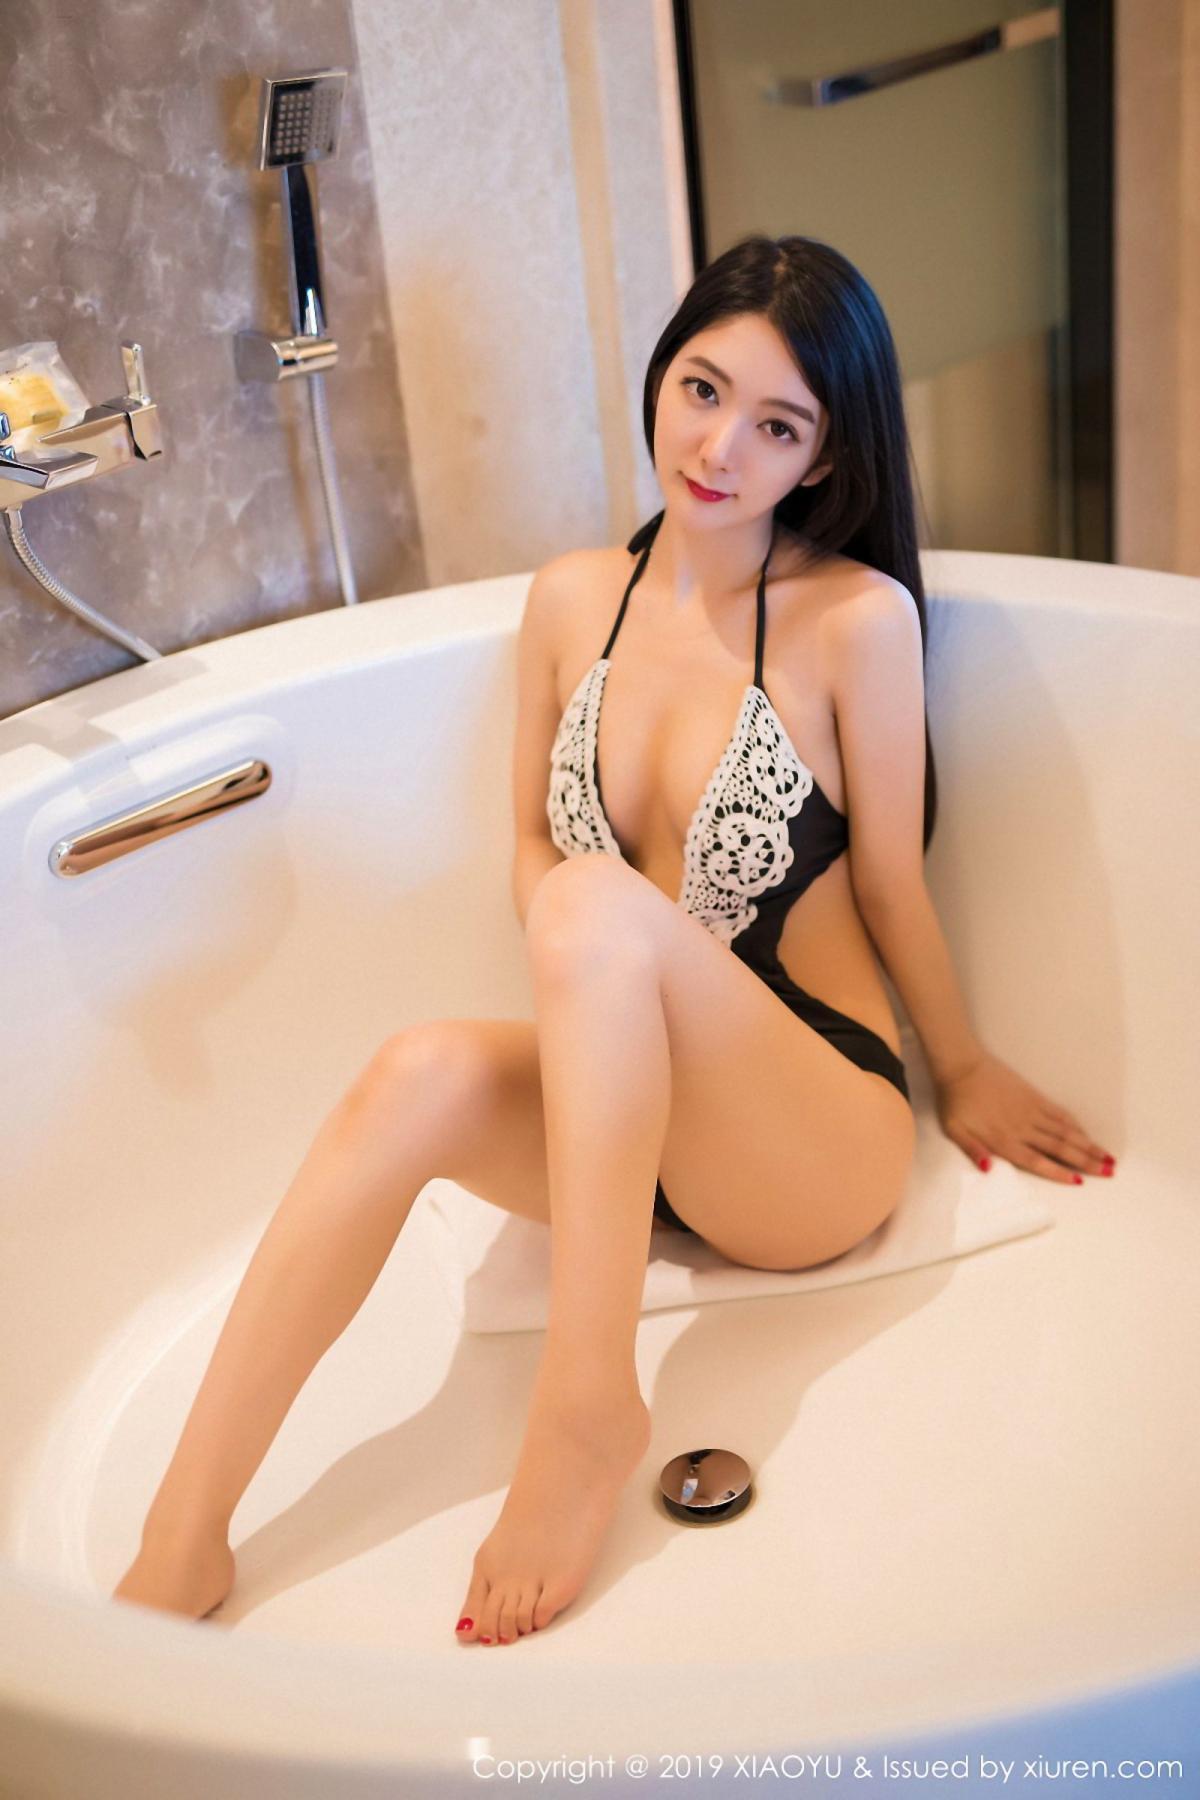 [XiaoYu] Vol.046 Angela Xi Huan Mao 3P, Di Yi, Tall, Underwear, XiaoYu